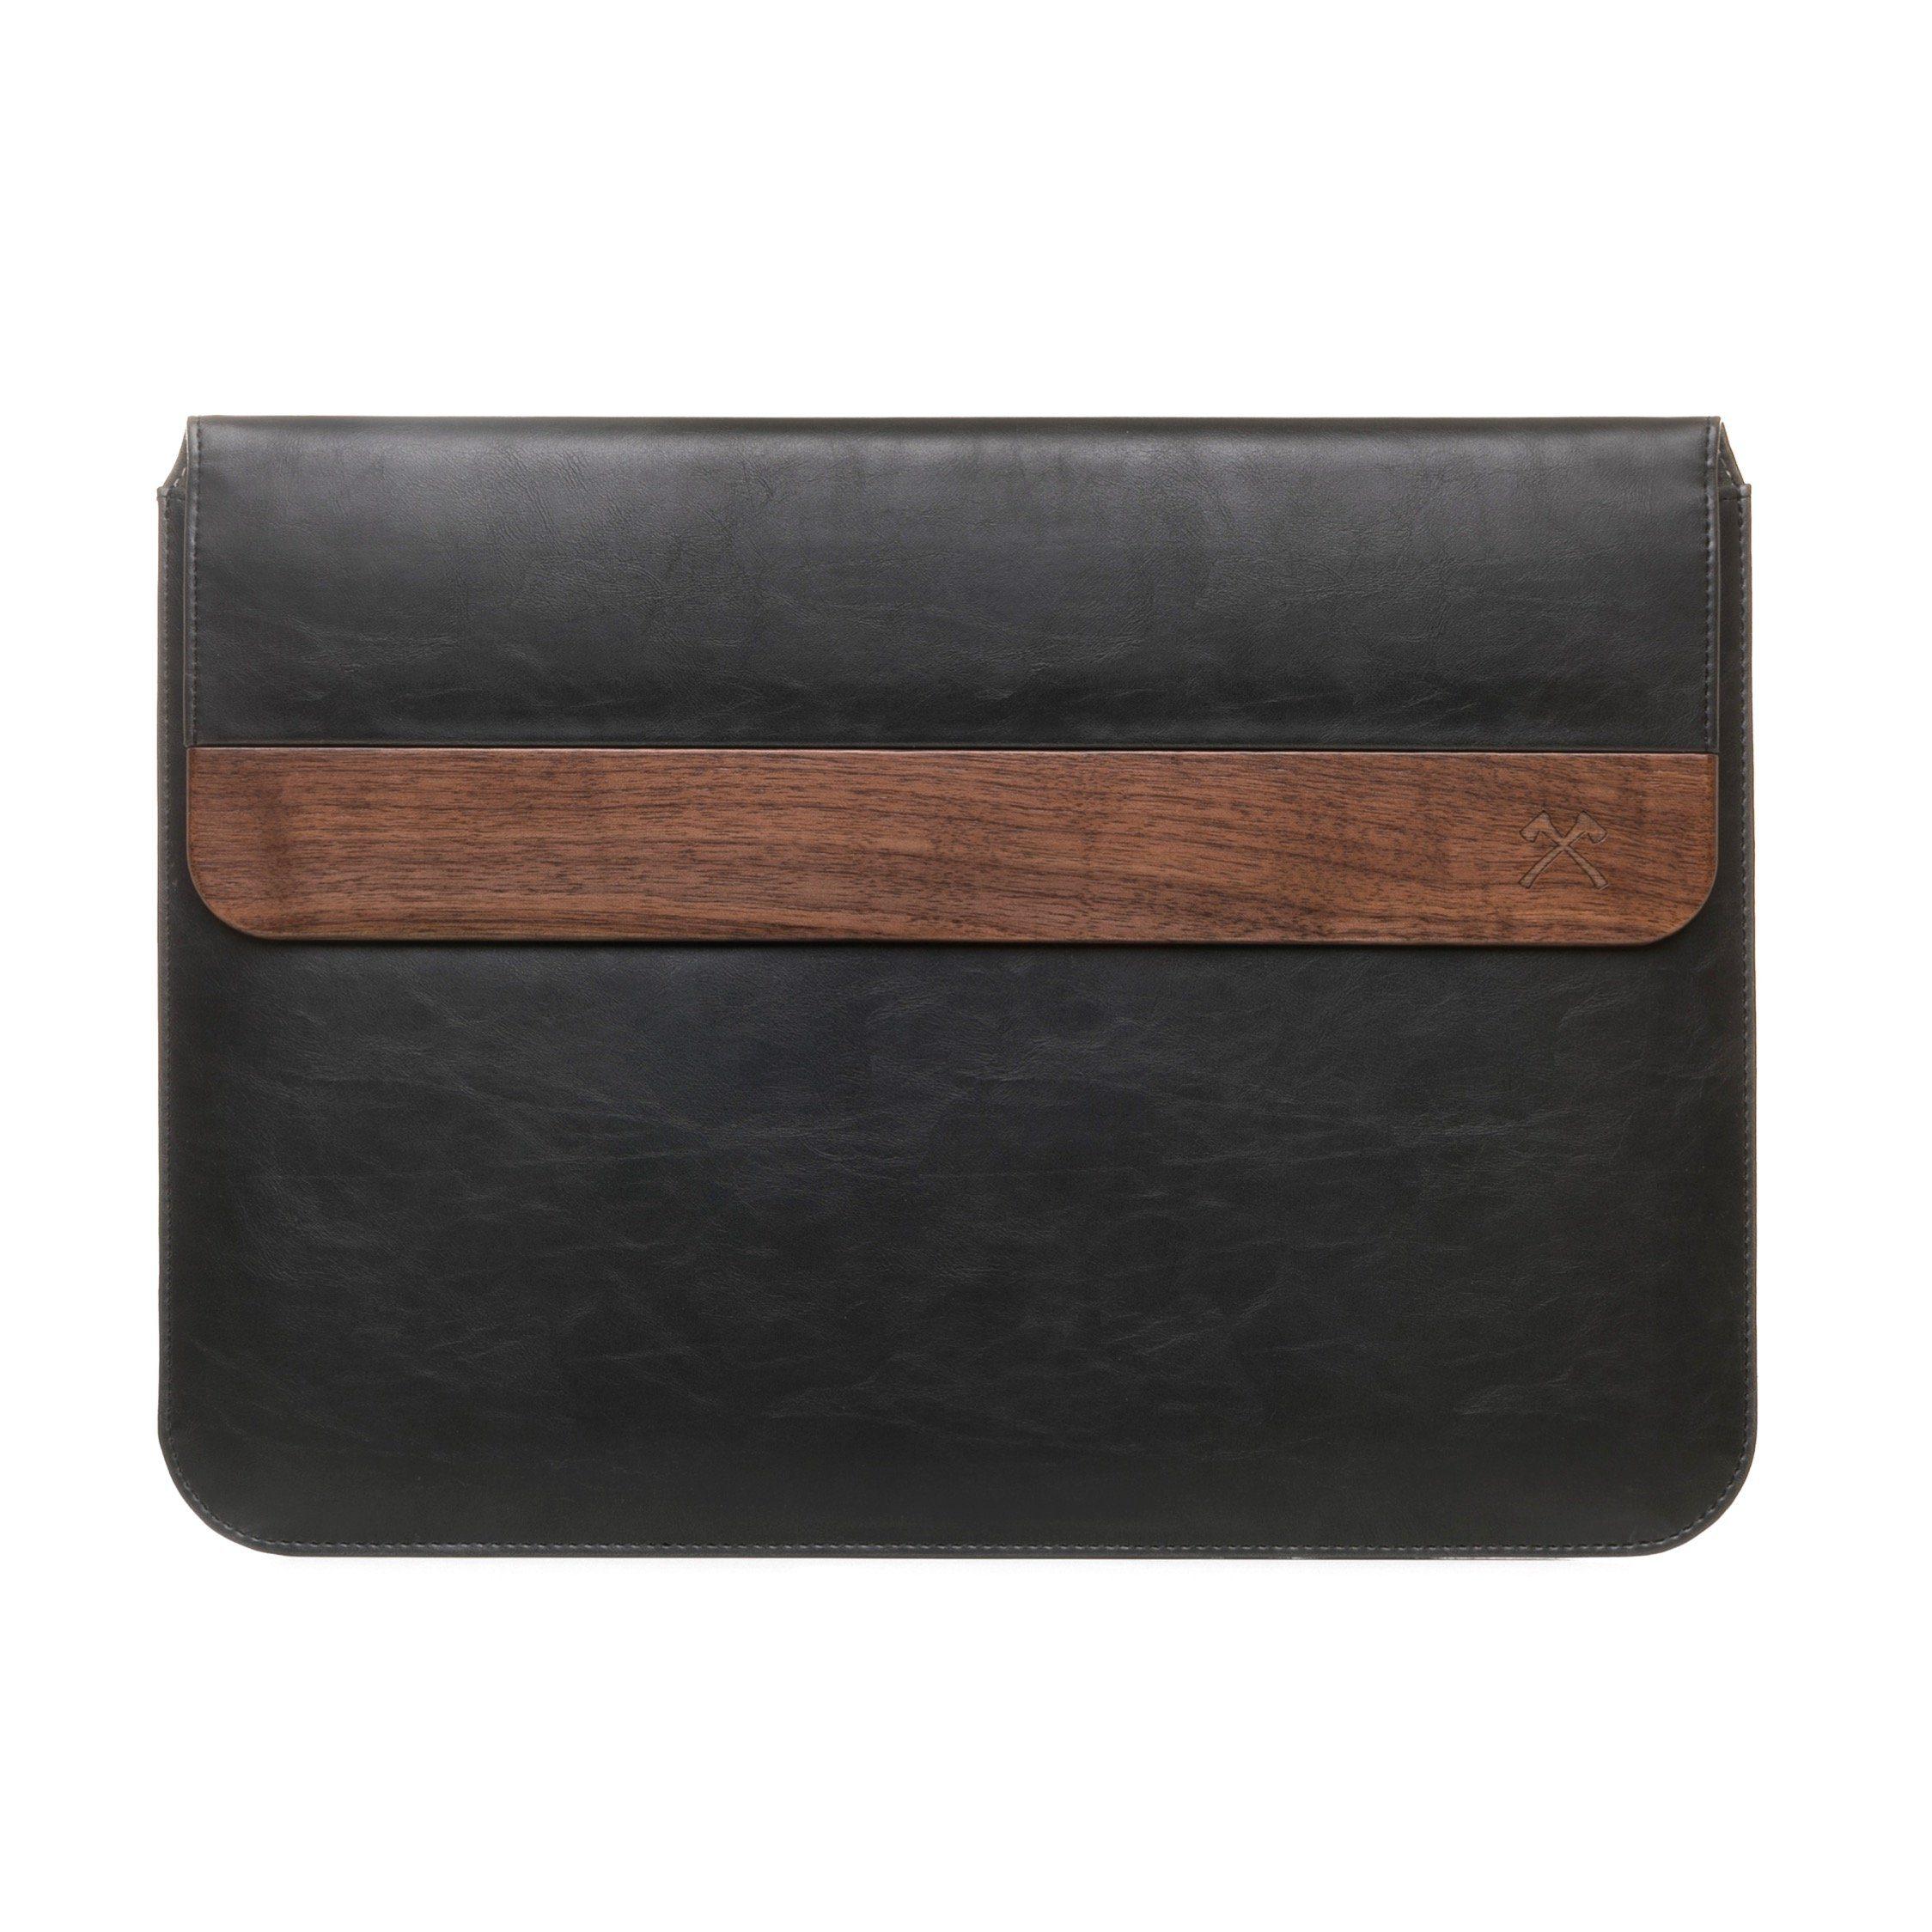 Woodcessories EcoPouch - MacBook Tasche 13 Zoll Echtholz/Kunstleder - Schwarz